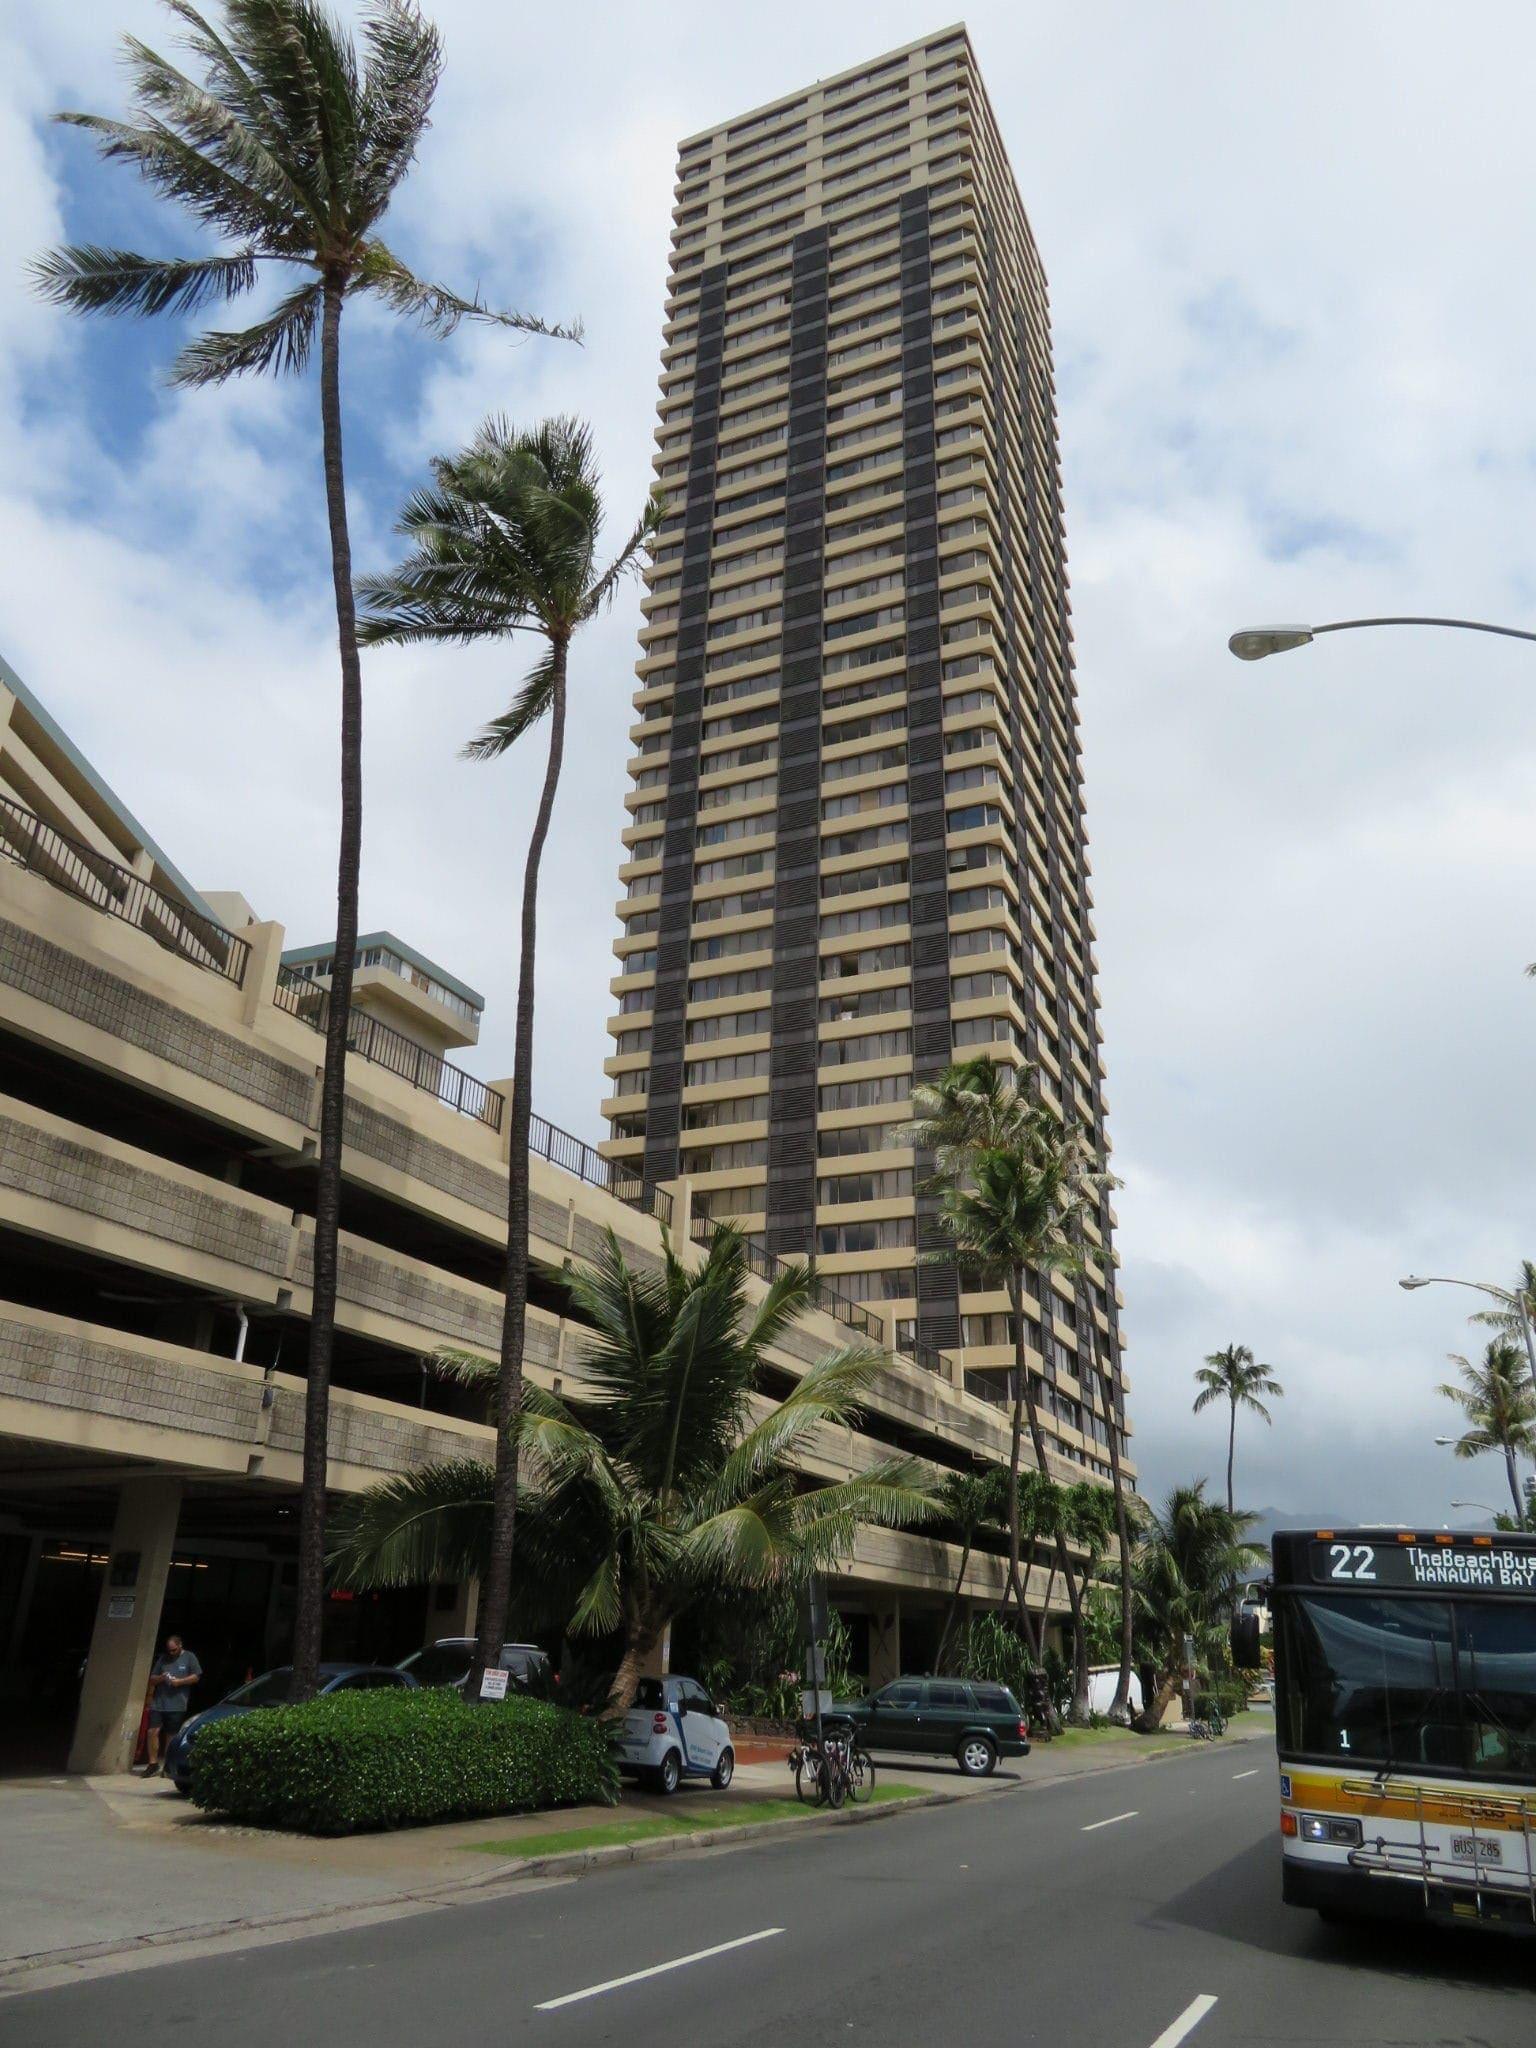 ワイキキ・ランドマーク / Waikiki Landmark